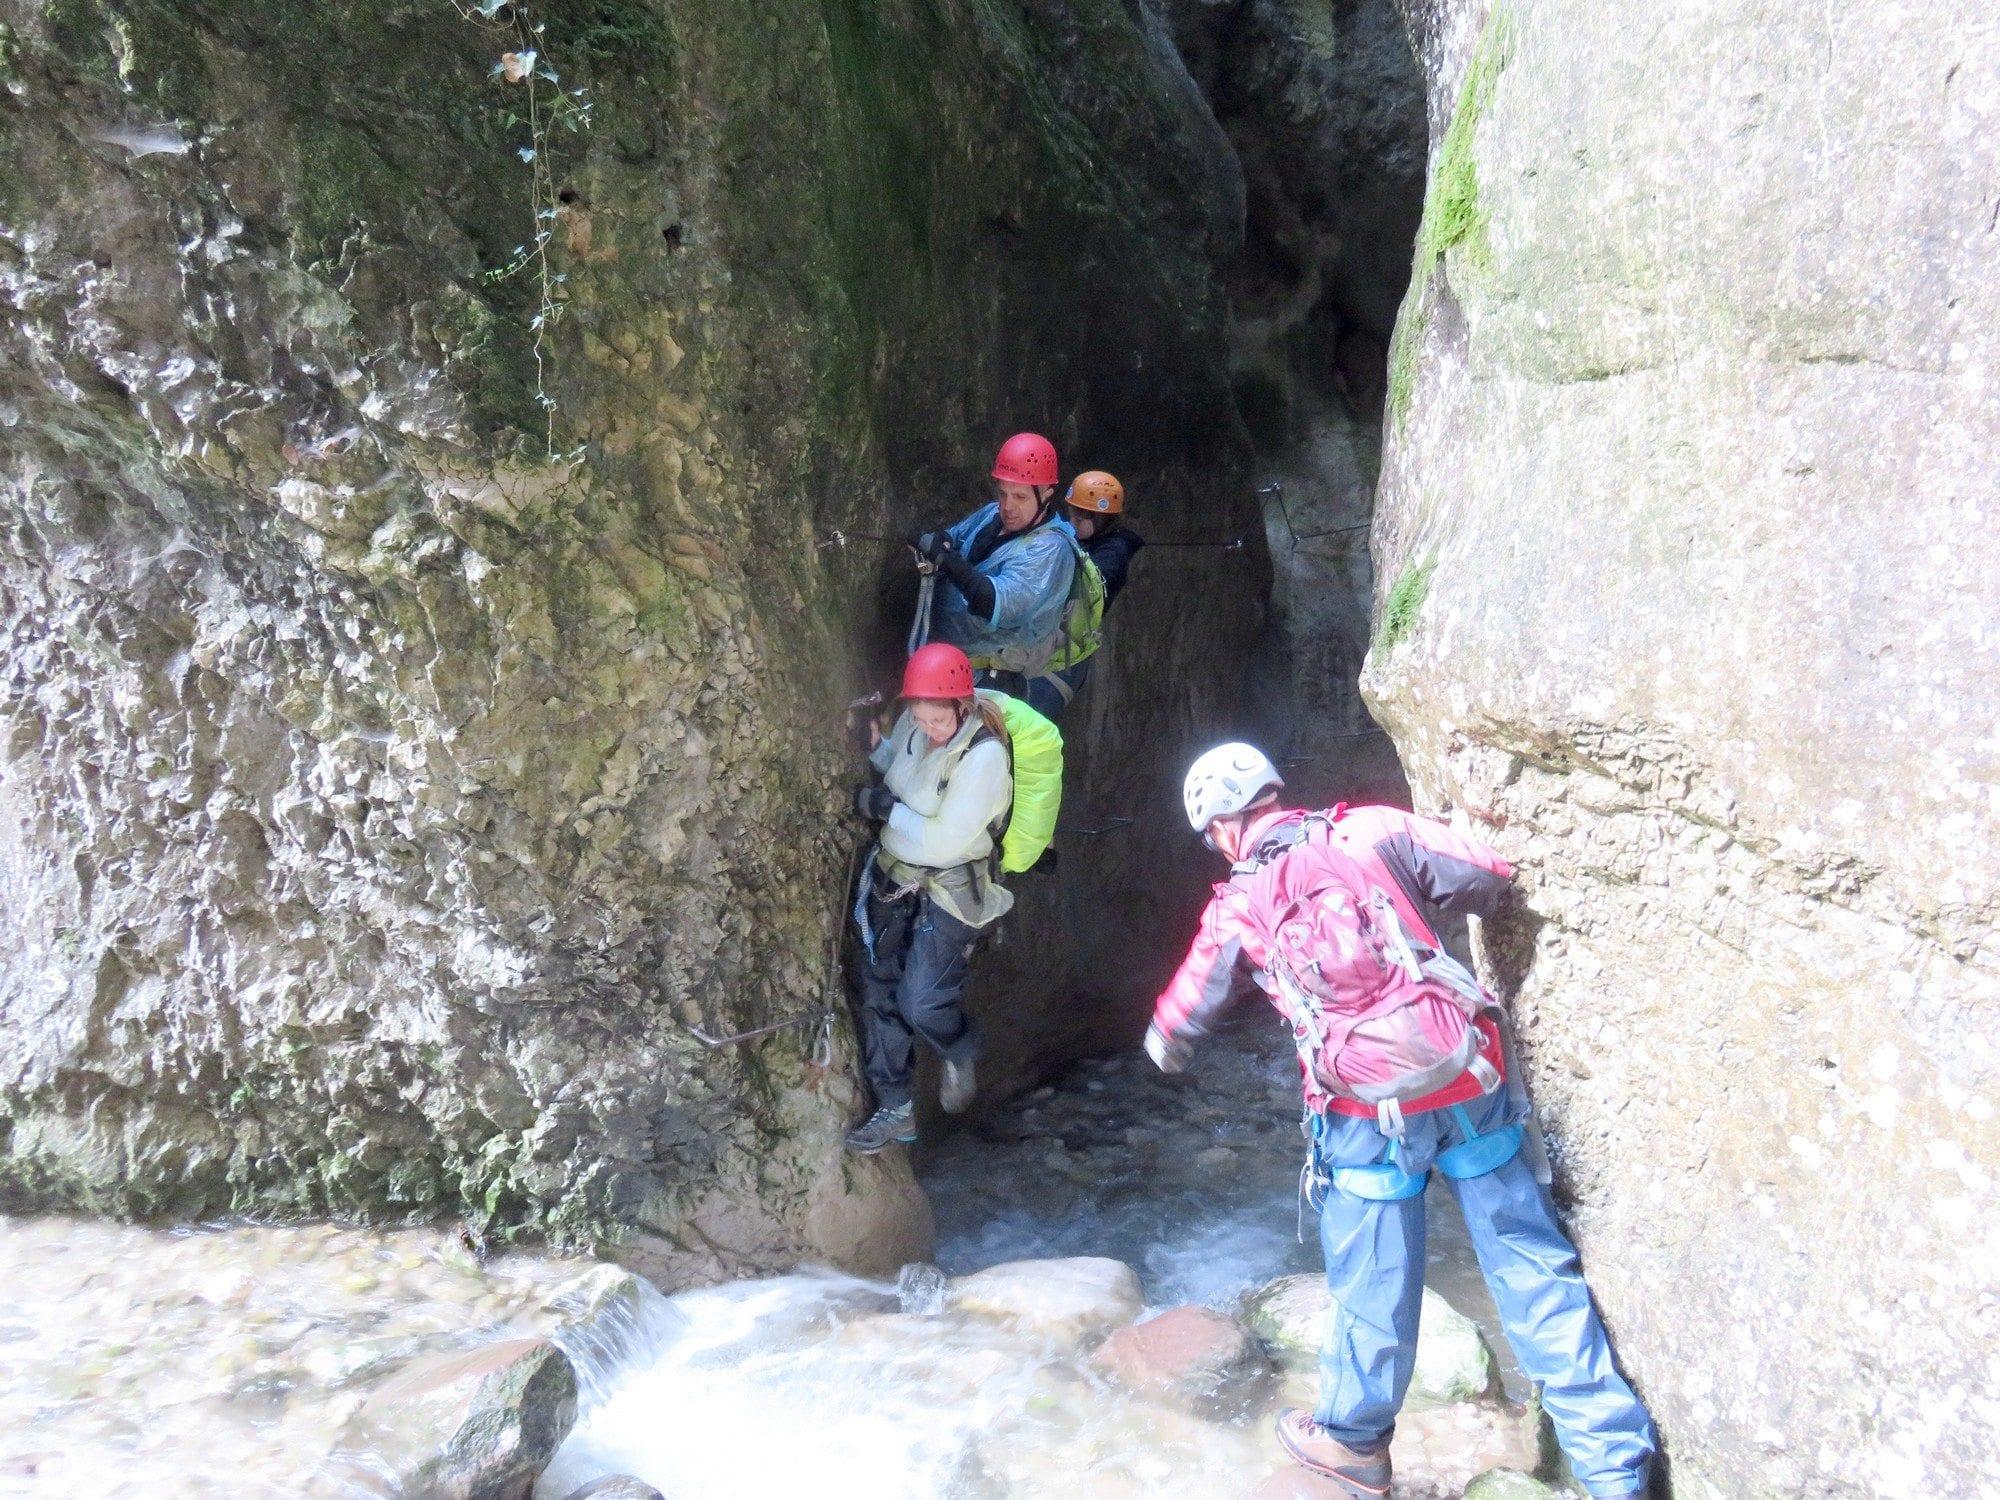 ויה פראטה Sallagoni, טיול אתגרי בצפון איטליה, ערוצים בטבע